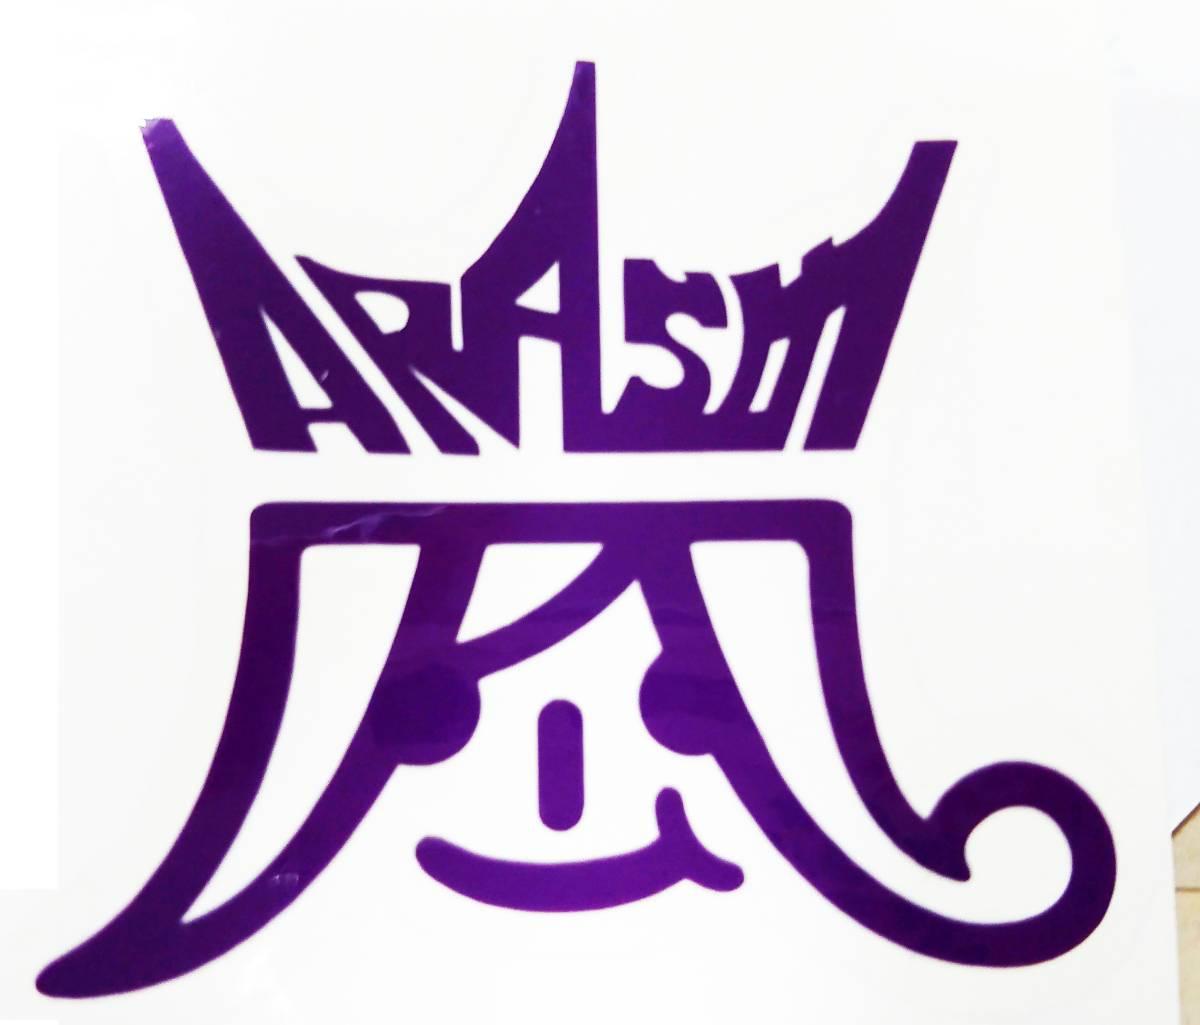 嵐 ロゴ ステッカー 紫 松本潤